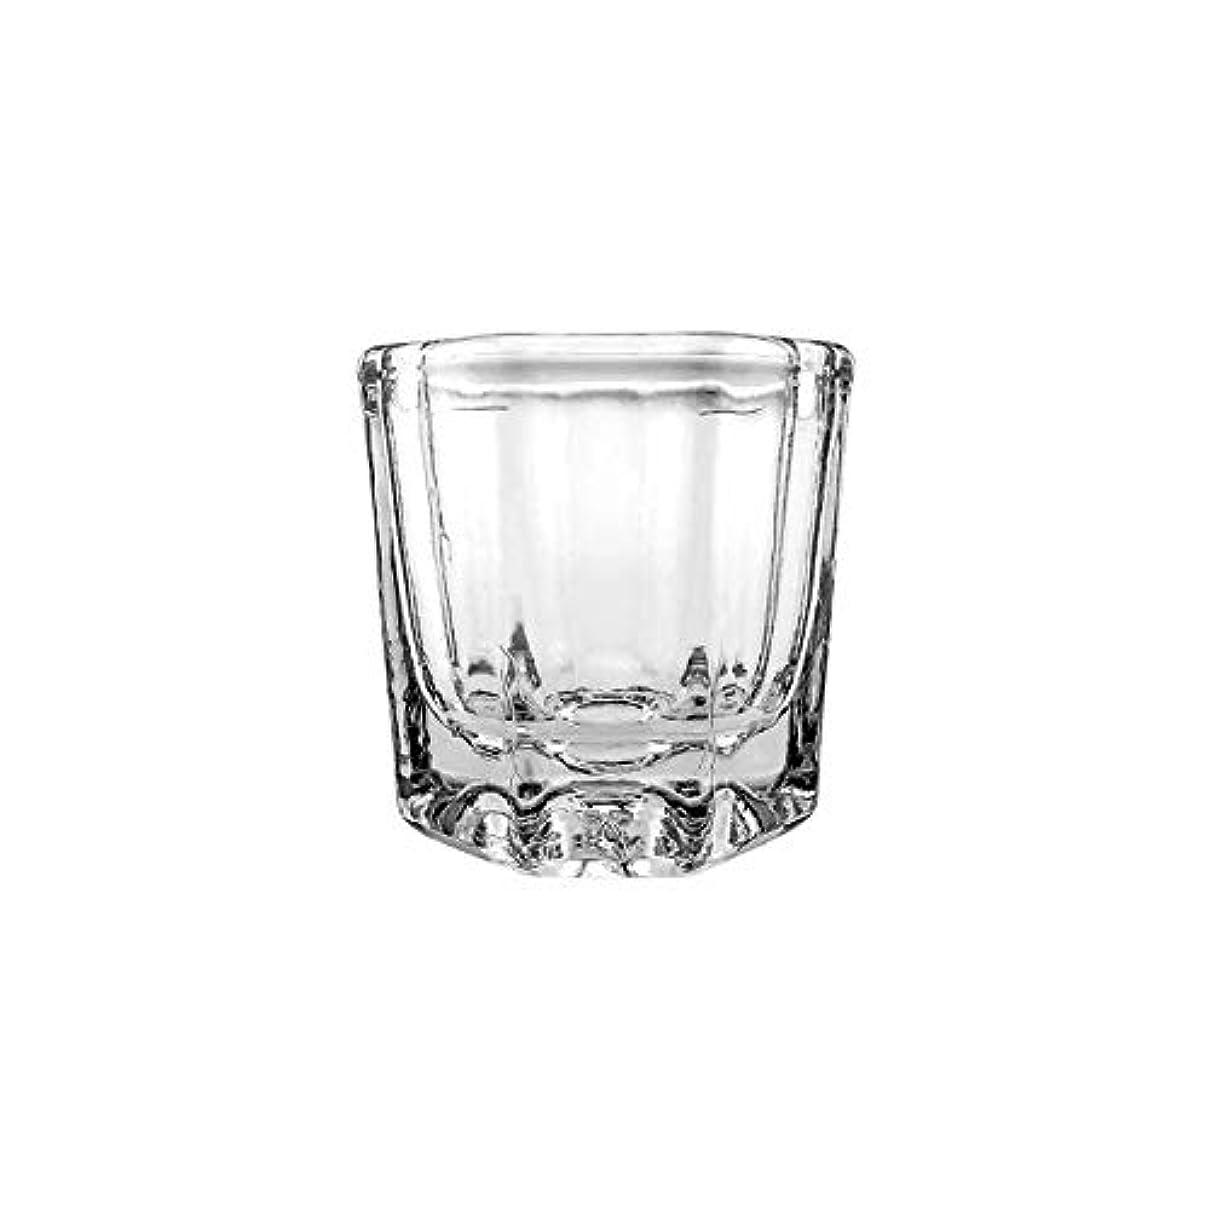 参加者哀れなすすり泣きLALONA ダッペンディッシュ (ガラス製) (耐溶剤) ジェルネイル スカルプチュア ブラシの洗浄に